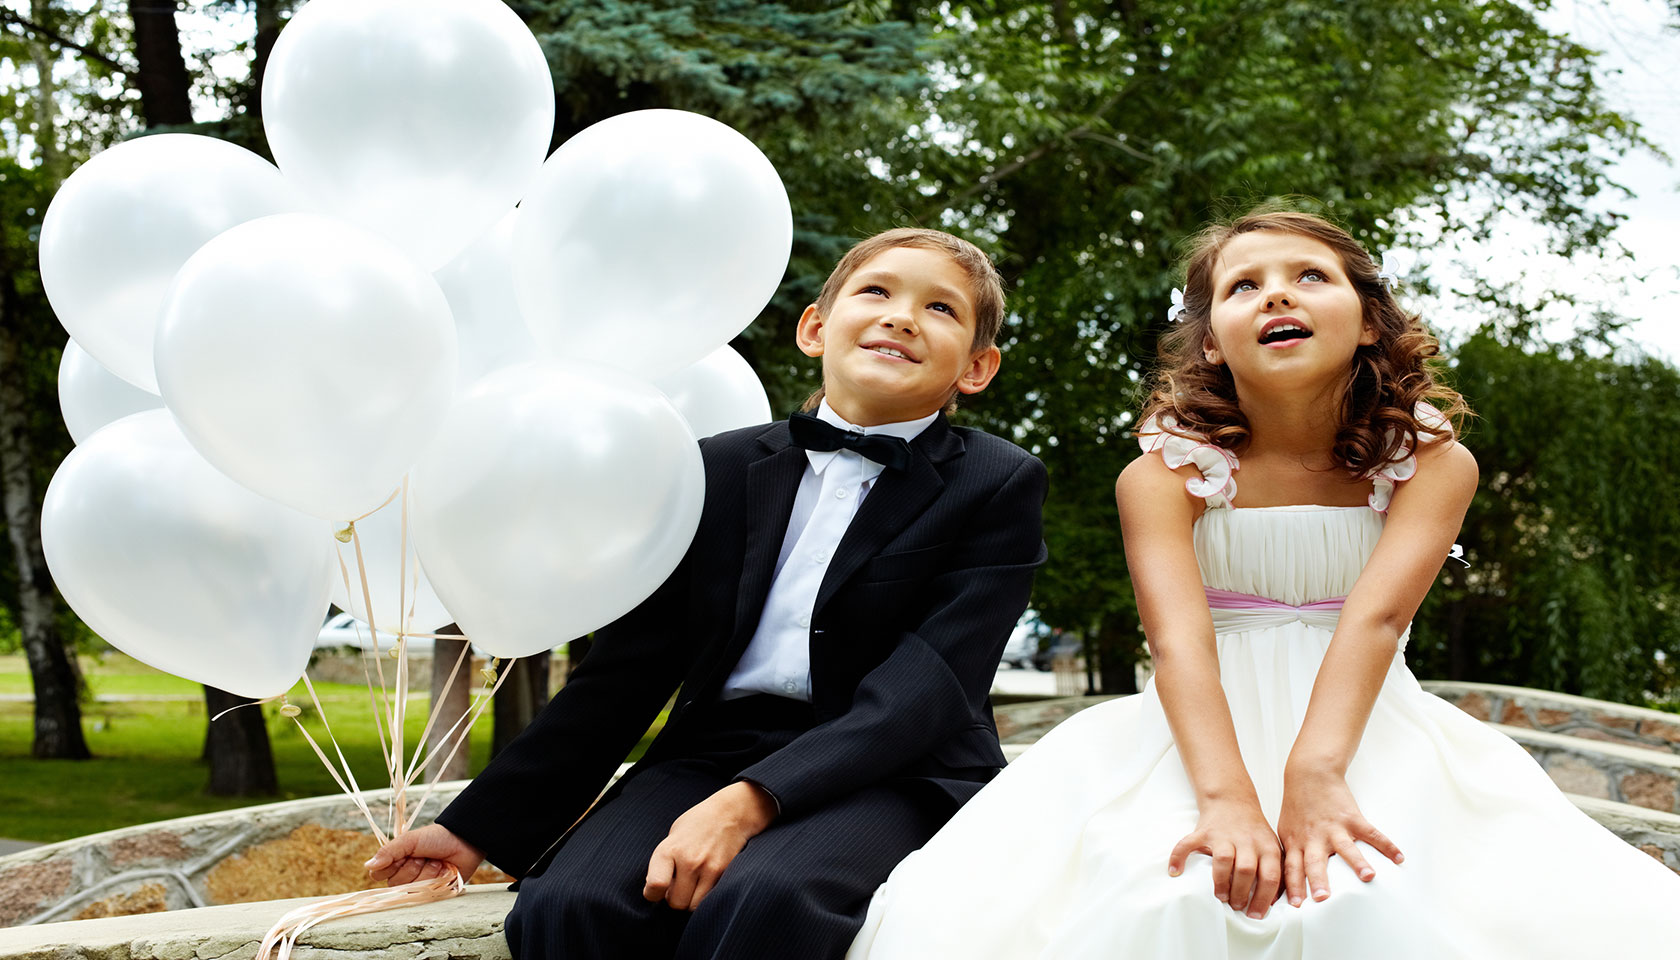 30ace10d1a724ab5ac48cc24b1704a8c - فوت و فن برنامهریزی عروسی